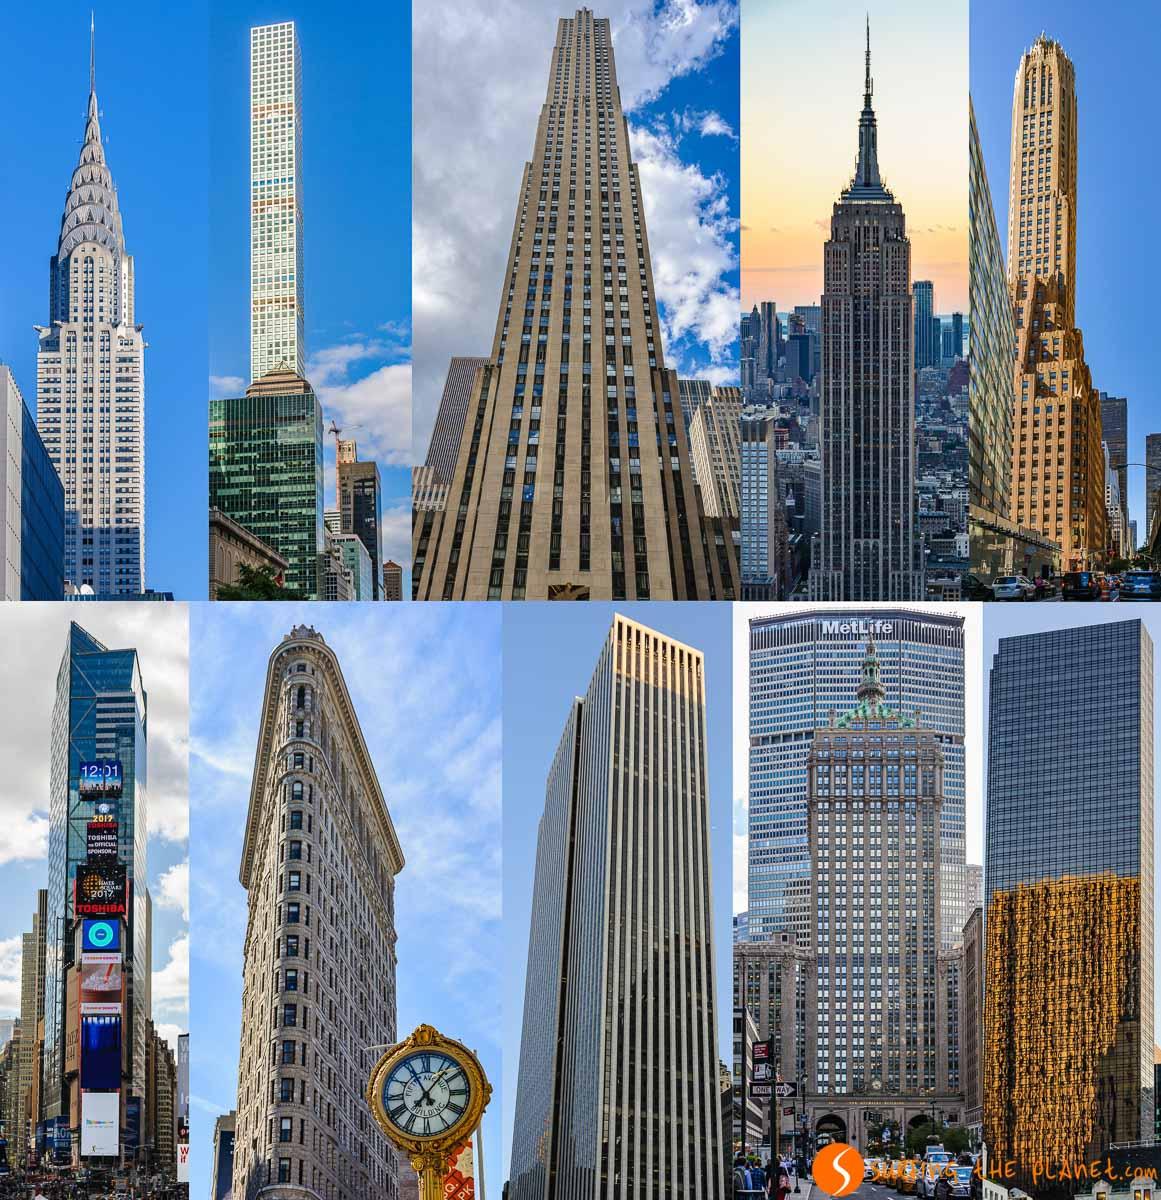 Rascacielos en Midtown, Nueva York, Estados Unidos